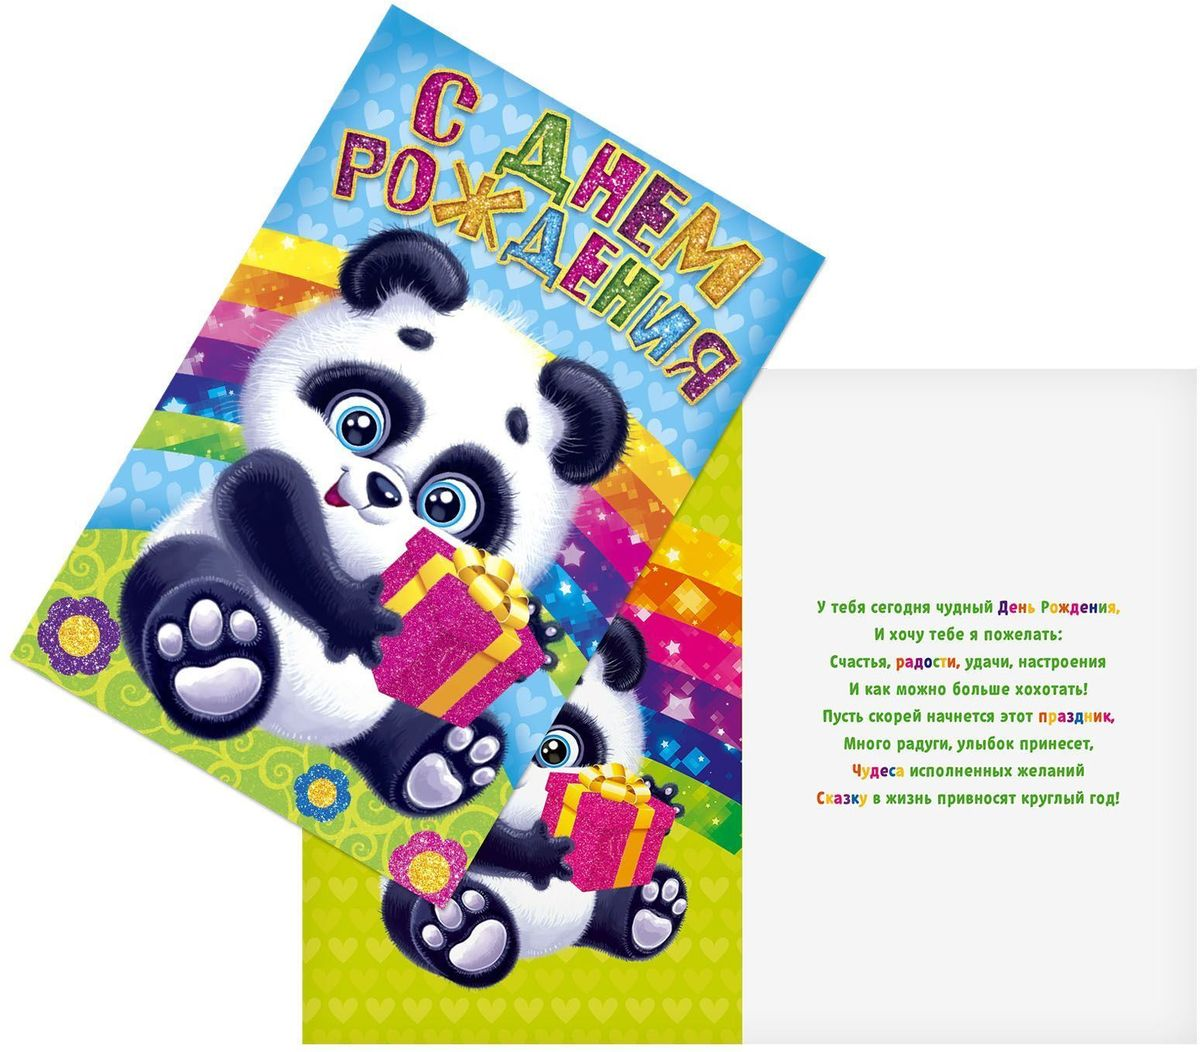 Открытка Дарите cчастье С Днем Рождения. Панда, 12 х 18 см disney гирлянда детская на ленте тачки с днем рождения